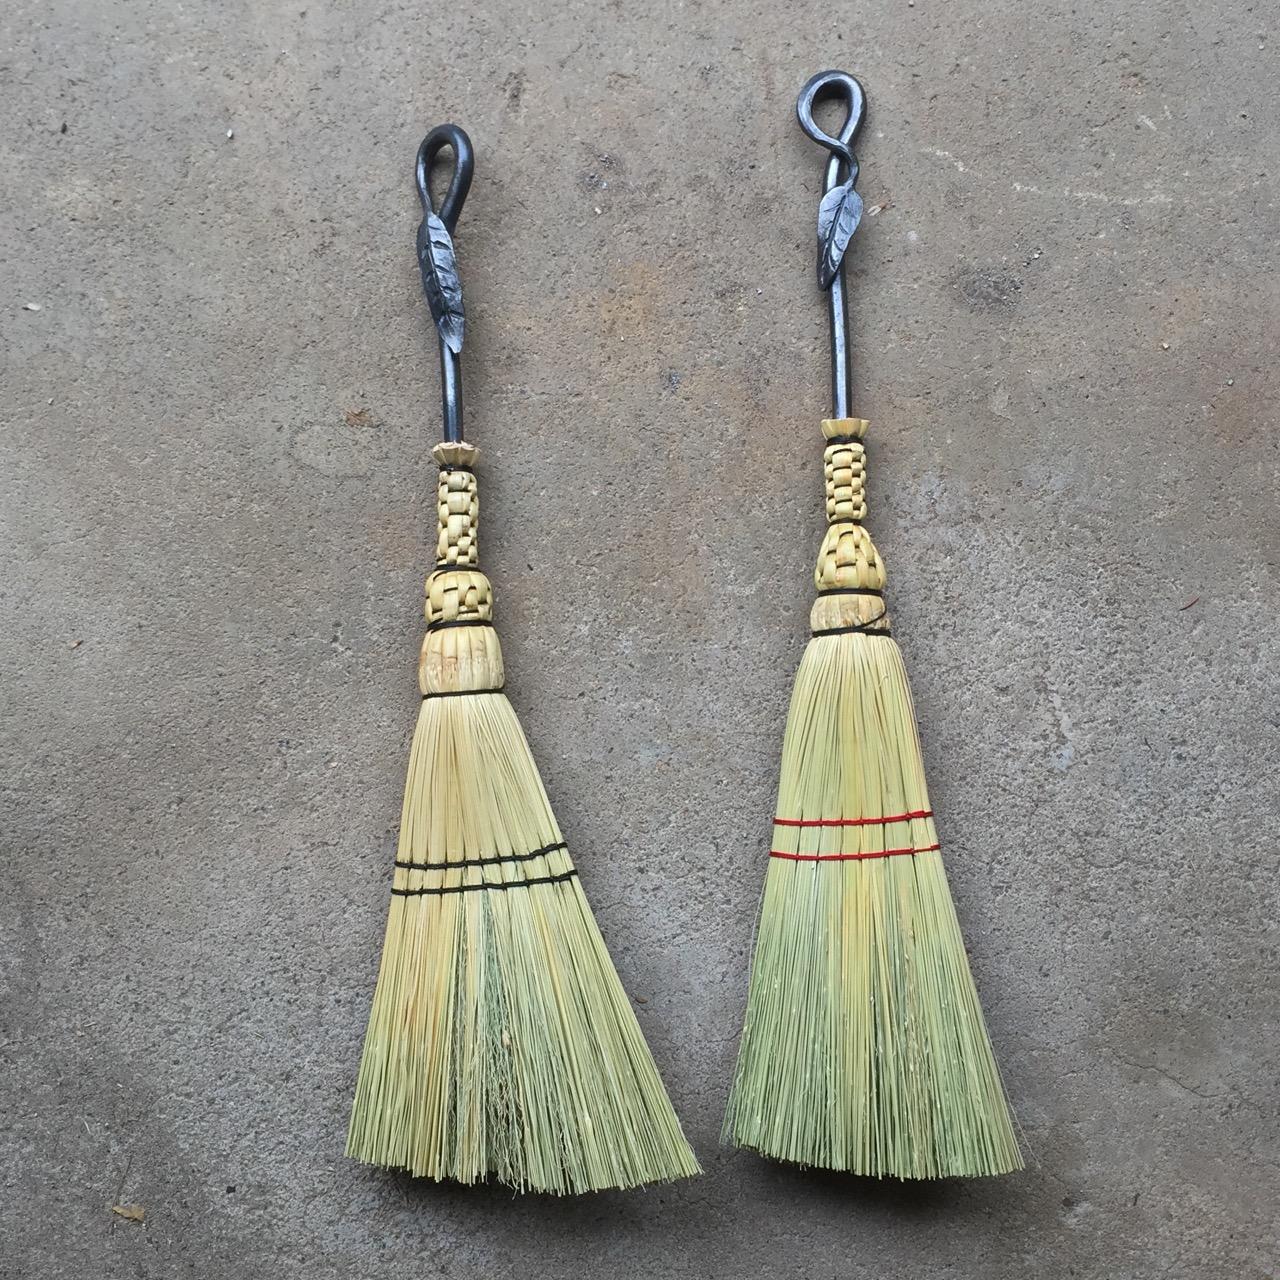 Brooms | Westshore Forge